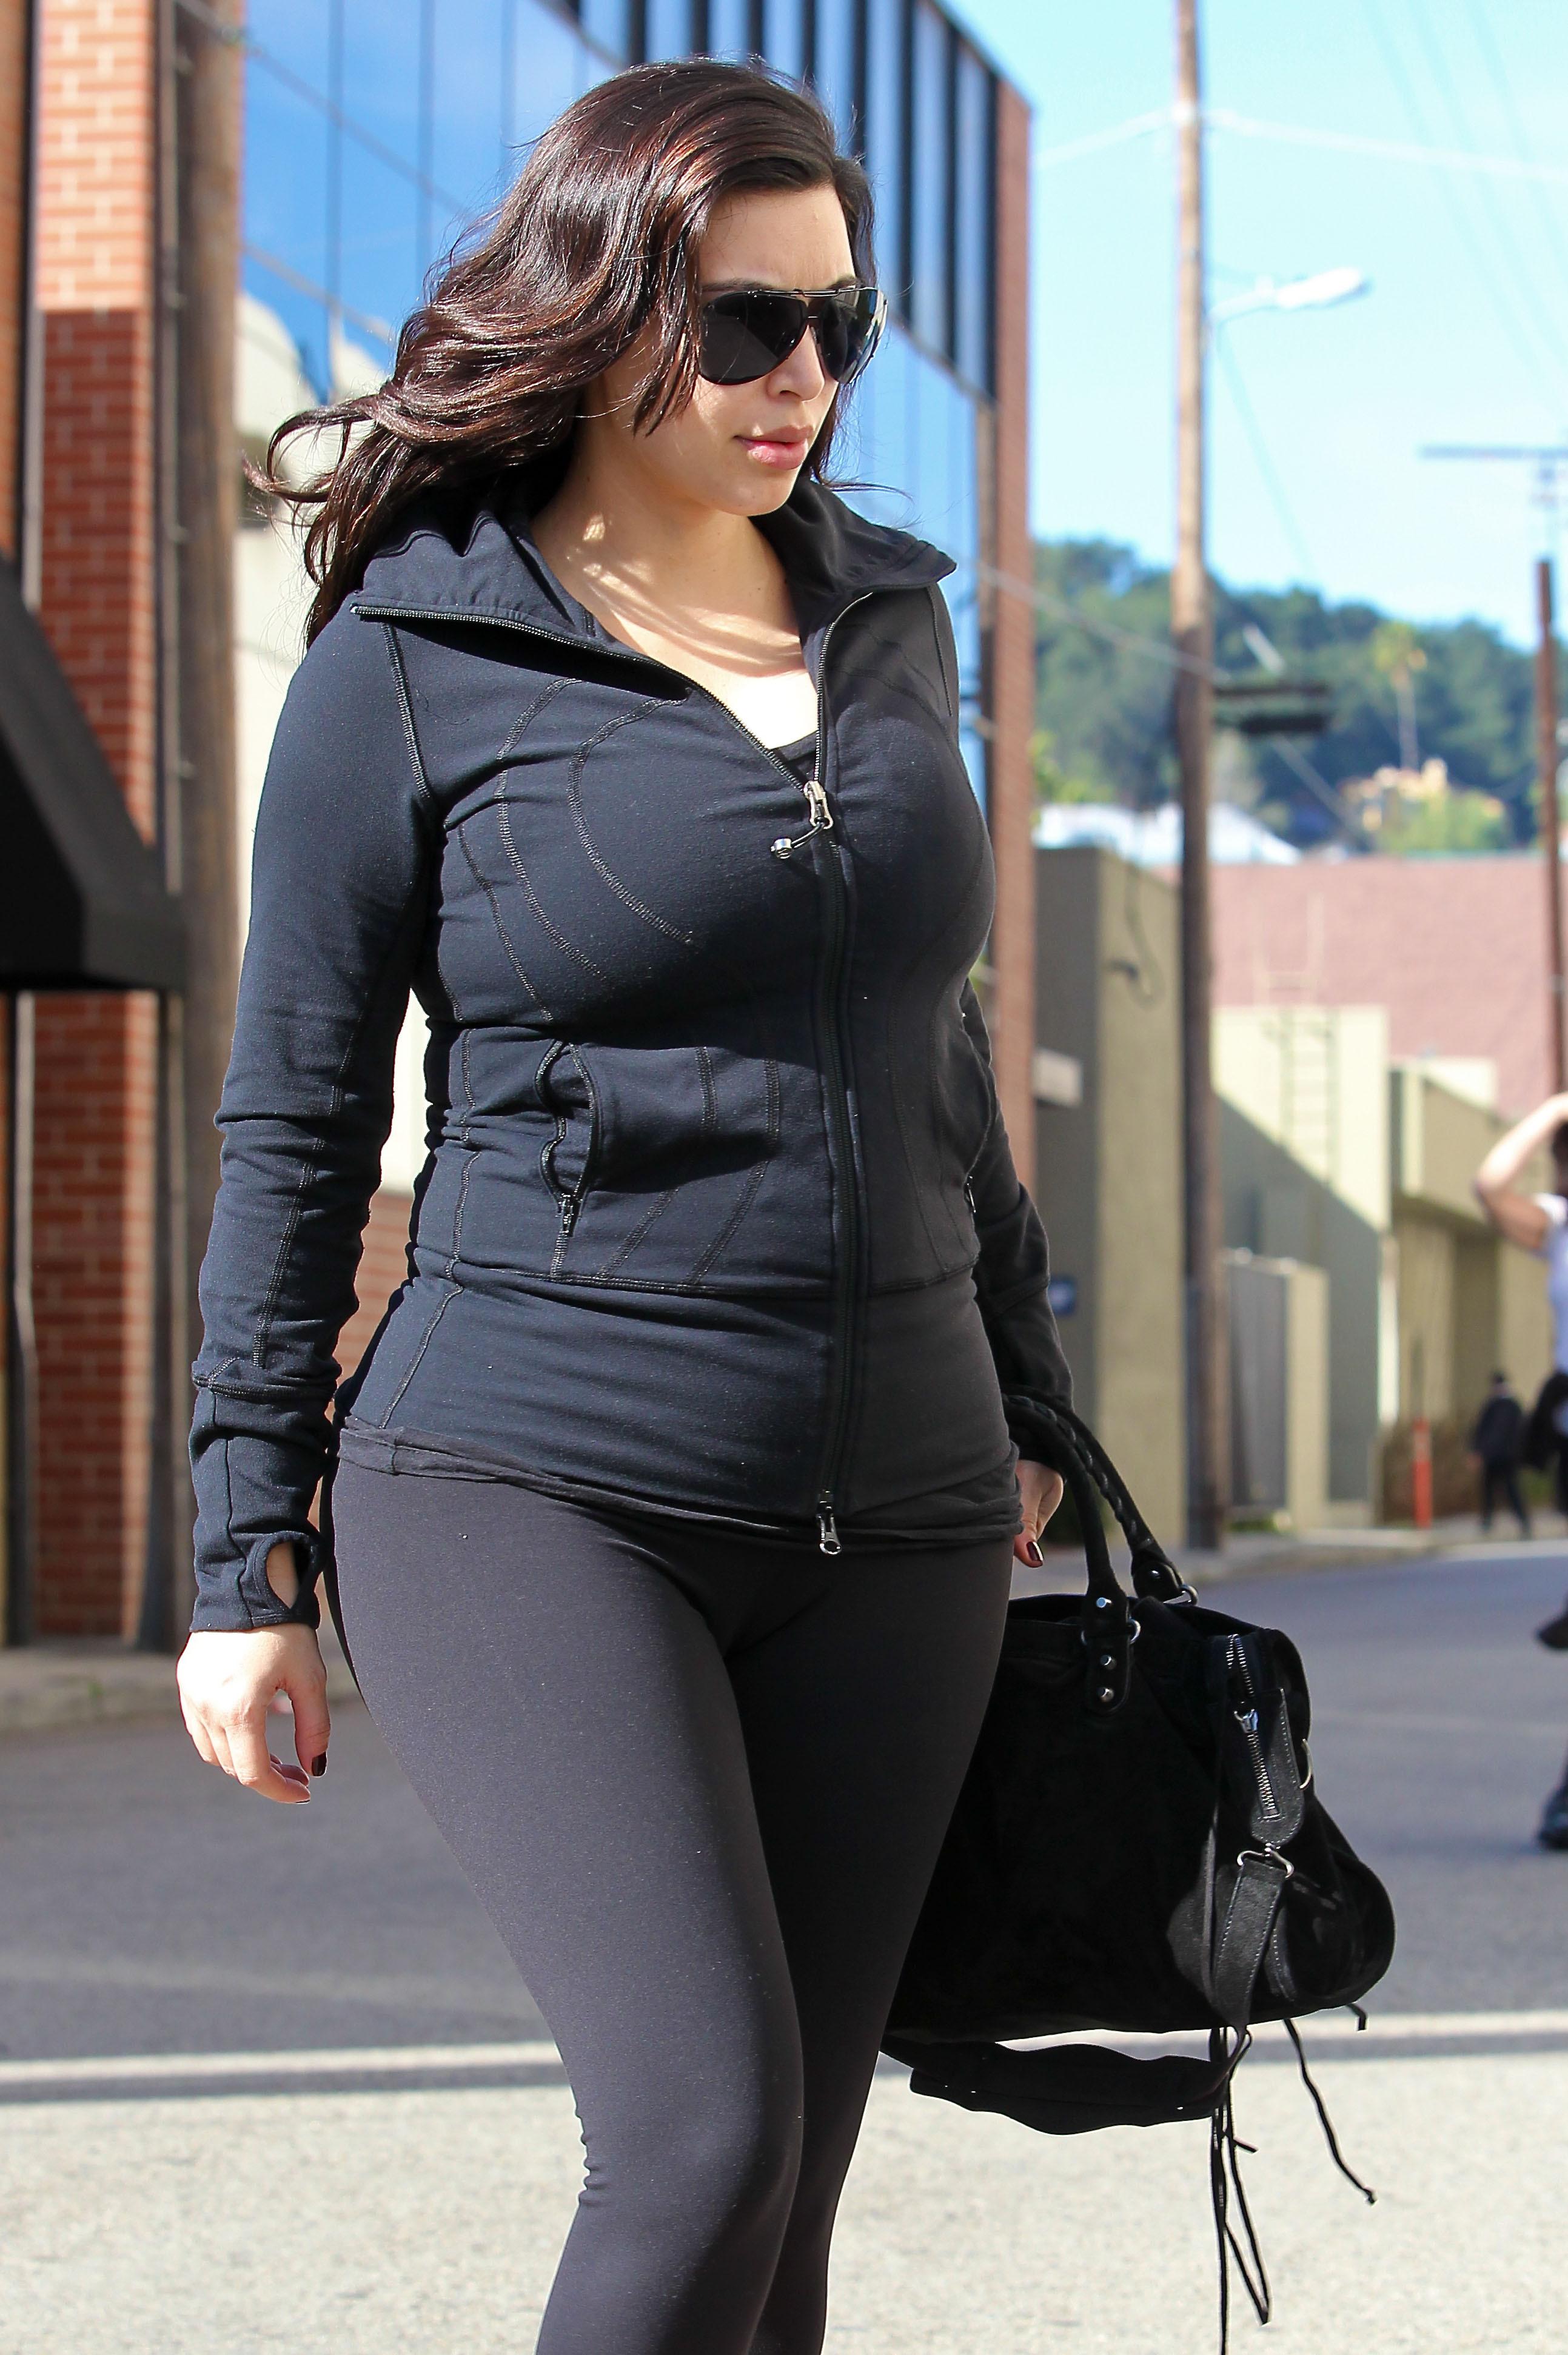 Kim Kardashian leaves the gym